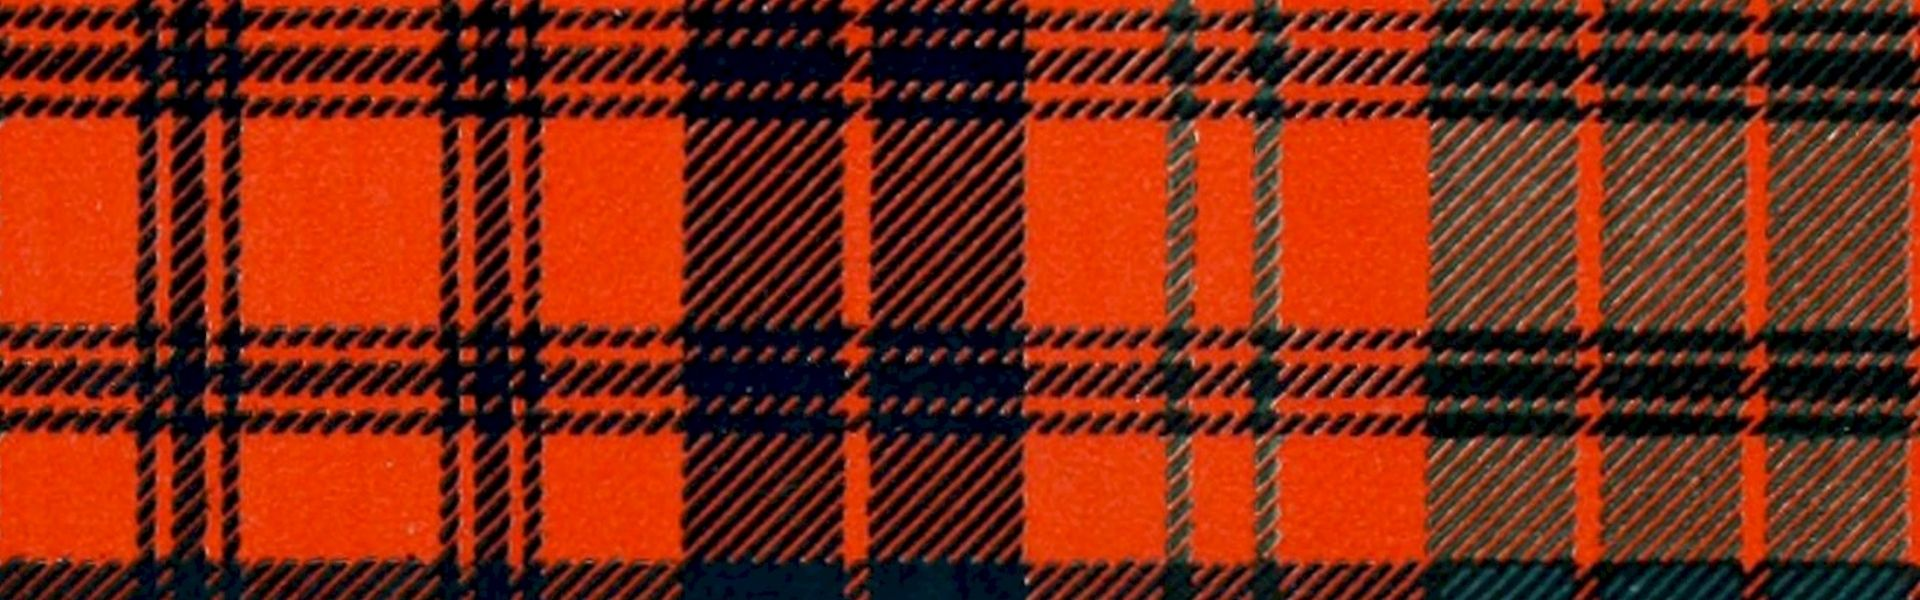 Schotse ruit bij het versje 'Mac Nuggets' van Paul Schrijft